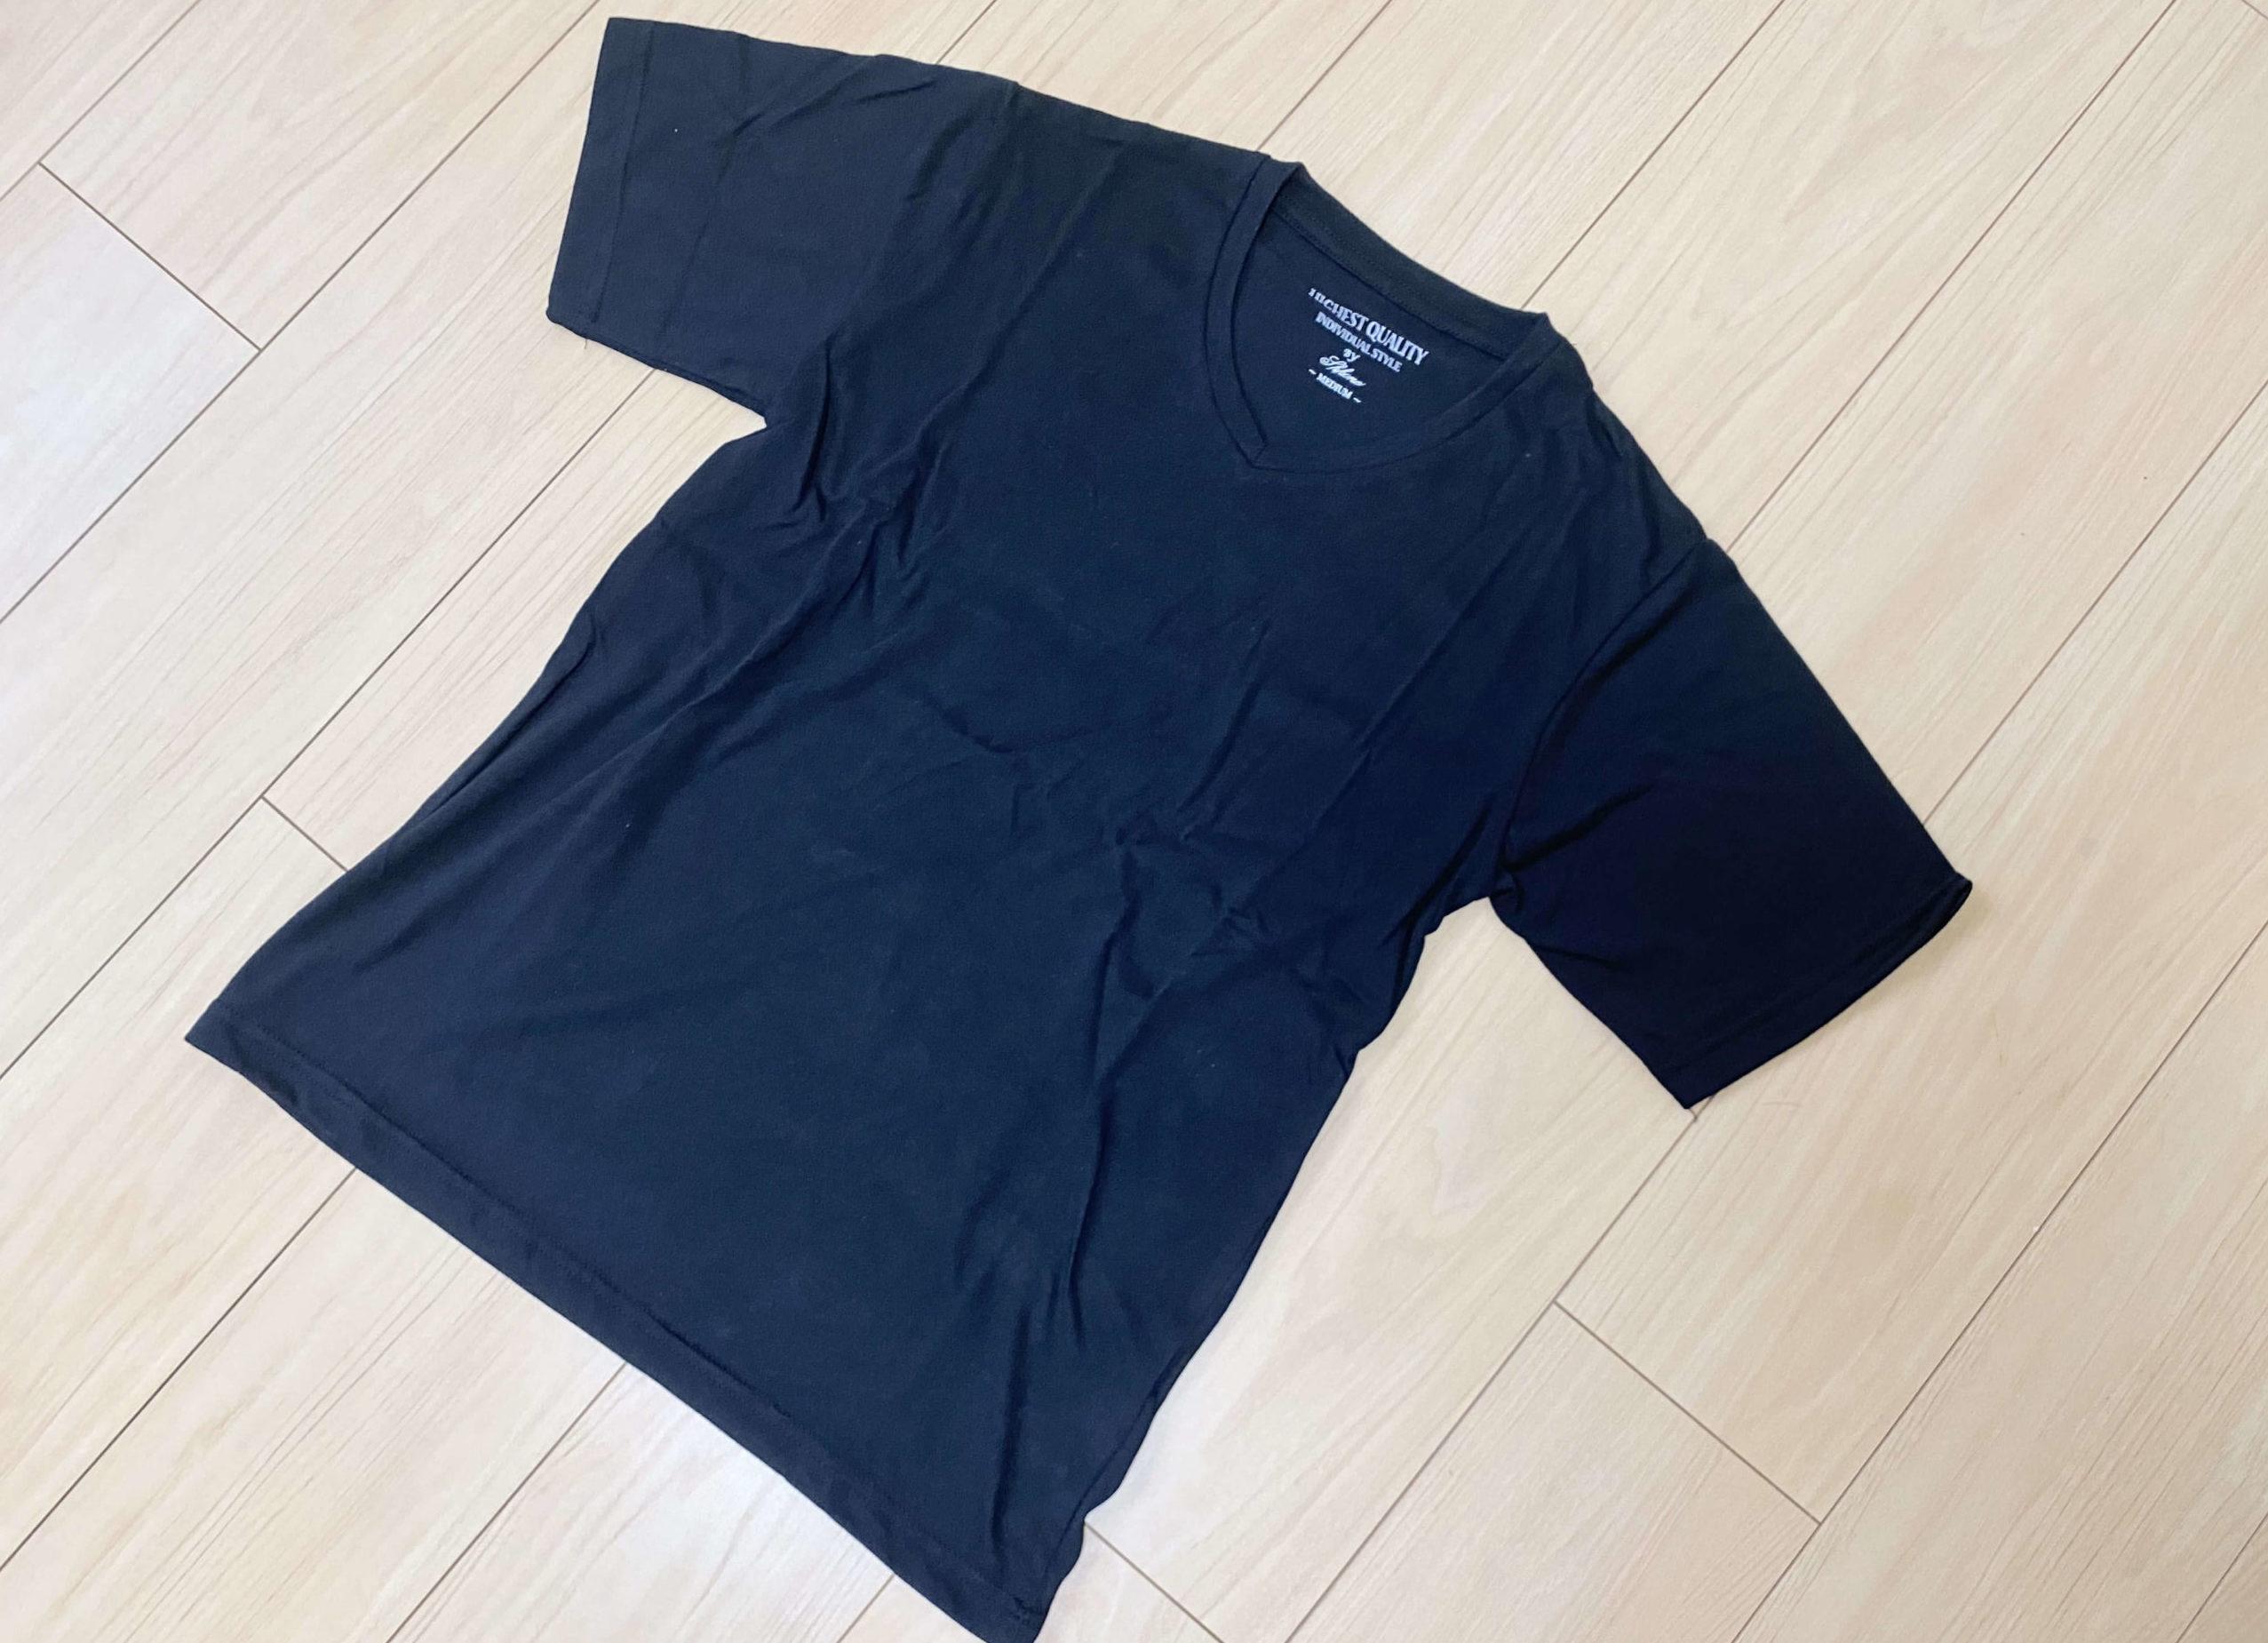 メンズファッションプラスで購入したTシャツ